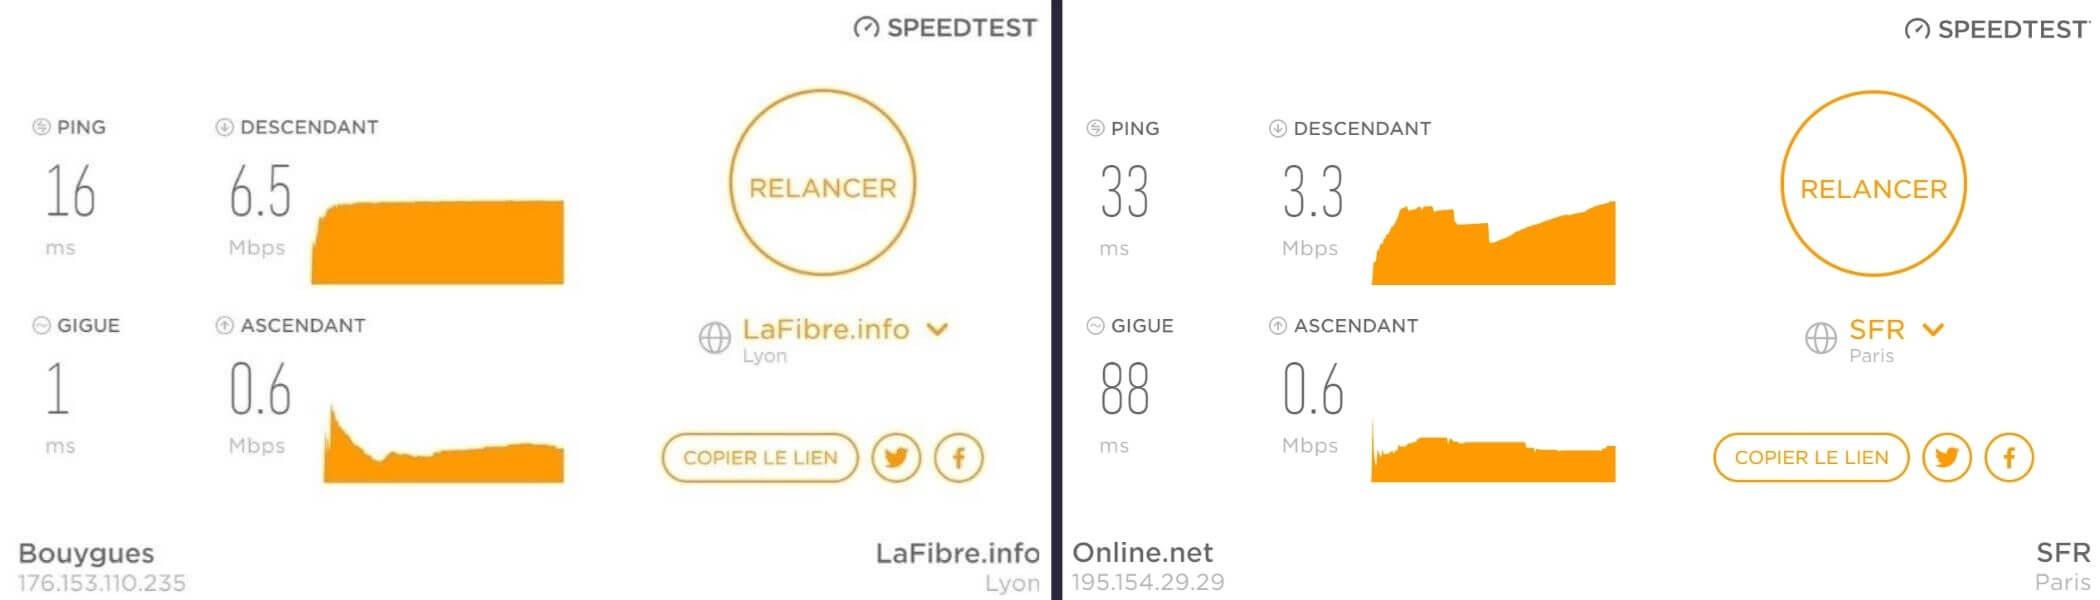 Test de vitesse sur serveur proche avec Trust Zone VPN